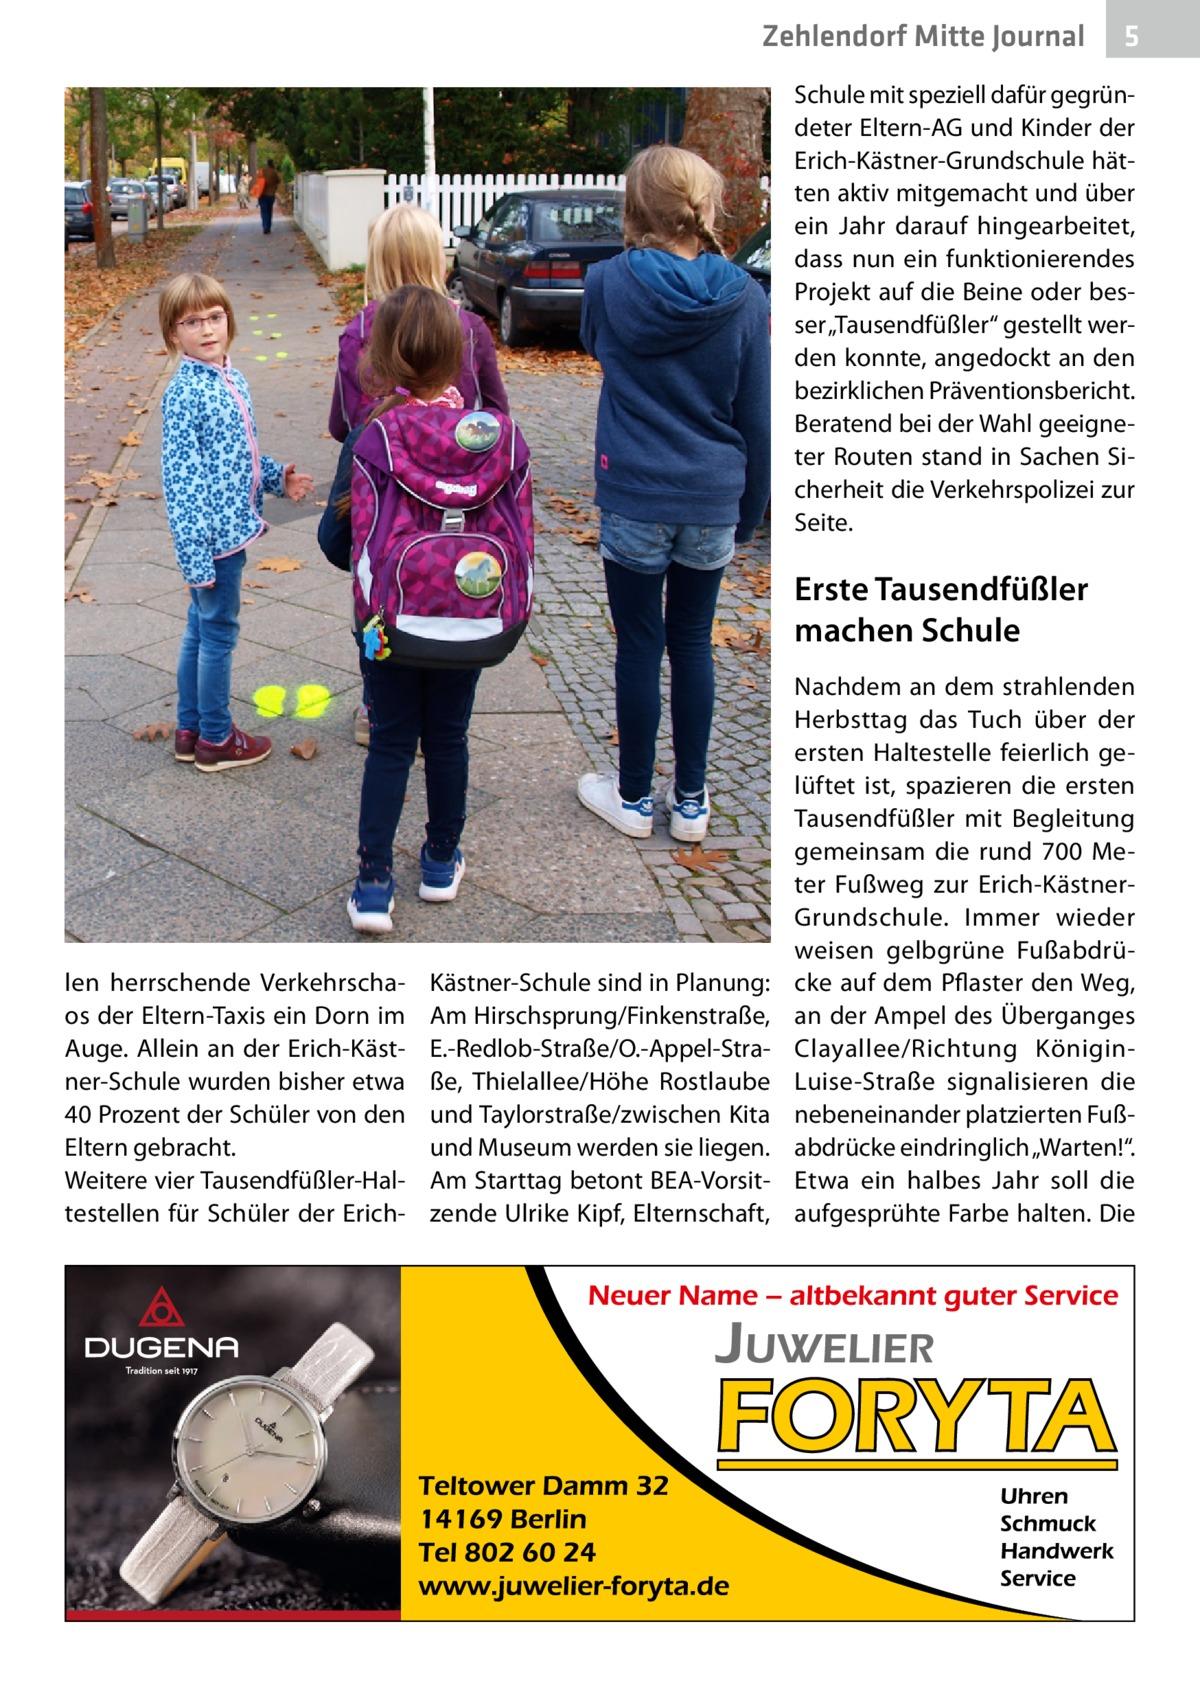 """Zehlendorf Mitte Journal  5  Schule mit speziell dafür gegründeter Eltern-AG und Kinder der Erich-Kästner-Grundschule hätten aktiv mitgemacht und über ein Jahr darauf hingearbeitet, dass nun ein funktionierendes Projekt auf die Beine oder besser """"Tausendfüßler"""" gestellt werden konnte, angedockt an den bezirklichen Präventionsbericht. Beratend bei der Wahl geeigneter Routen stand in Sachen Sicherheit die Verkehrspolizei zur Seite.  Erste Tausendfüßler machen Schule  len herrschende Verkehrschaos der Eltern-Taxis ein Dorn im Auge. Allein an der Erich-Kästner-Schule wurden bisher etwa 40Prozent der Schüler von den Eltern gebracht. Weitere vier Tausendfüßler-Haltestellen für Schüler der Erich Kästner-Schule sind in Planung: Am Hirschsprung/Finkenstraße, E.-Redlob-Straße/O.-Appel-Straße, Thielallee/Höhe Rostlaube und Taylorstraße/zwischen Kita und Museum werden sie liegen. Am Starttag betont BEA-Vorsitzende Ulrike Kipf, Elternschaft,  Nachdem an dem strahlenden Herbsttag das Tuch über der ersten Haltestelle feierlich gelüftet ist, spazieren die ersten Tausendfüßler mit Begleitung gemeinsam die rund 700 Meter Fußweg zur Erich-KästnerGrundschule. Immer wieder weisen gelbgrüne Fußabdrücke auf dem Pflaster den Weg, an der Ampel des Überganges Clayallee/Richtung KöniginLuise-Straße signalisieren die nebeneinander platzierten Fußabdrücke eindringlich """"Warten!"""". Etwa ein halbes Jahr soll die aufgesprühte Farbe halten. Die"""